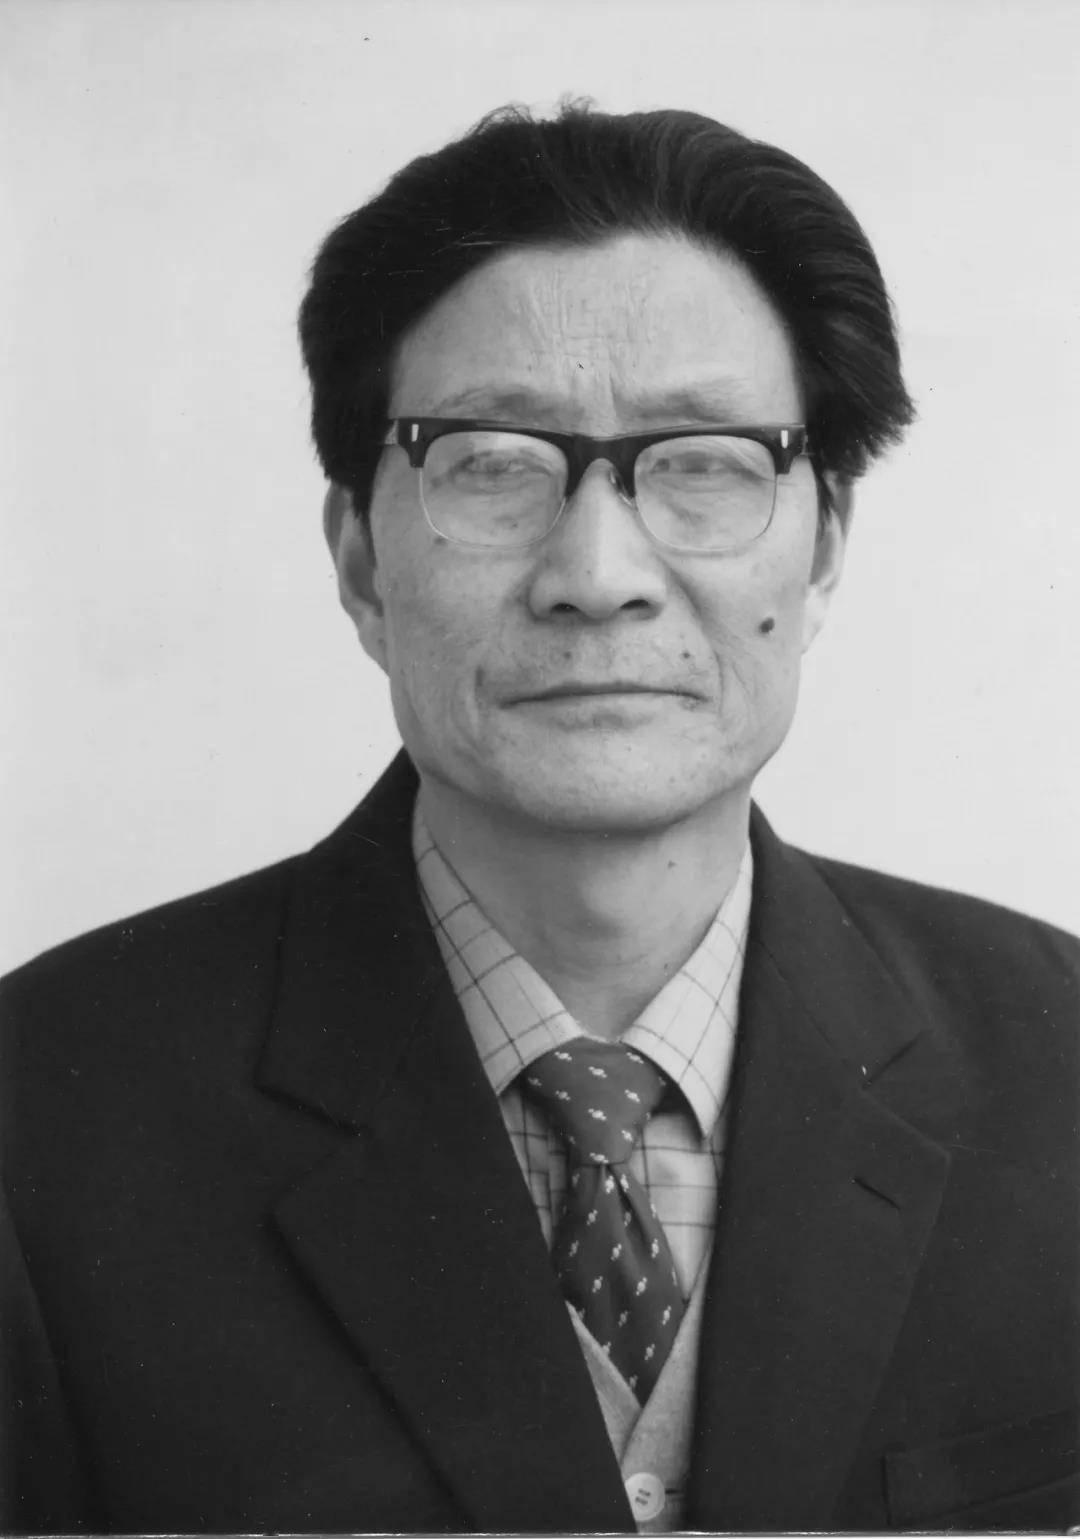 深切悼念!我国著名耳鼻咽喉头颈外科专家樊玉林教授逝世